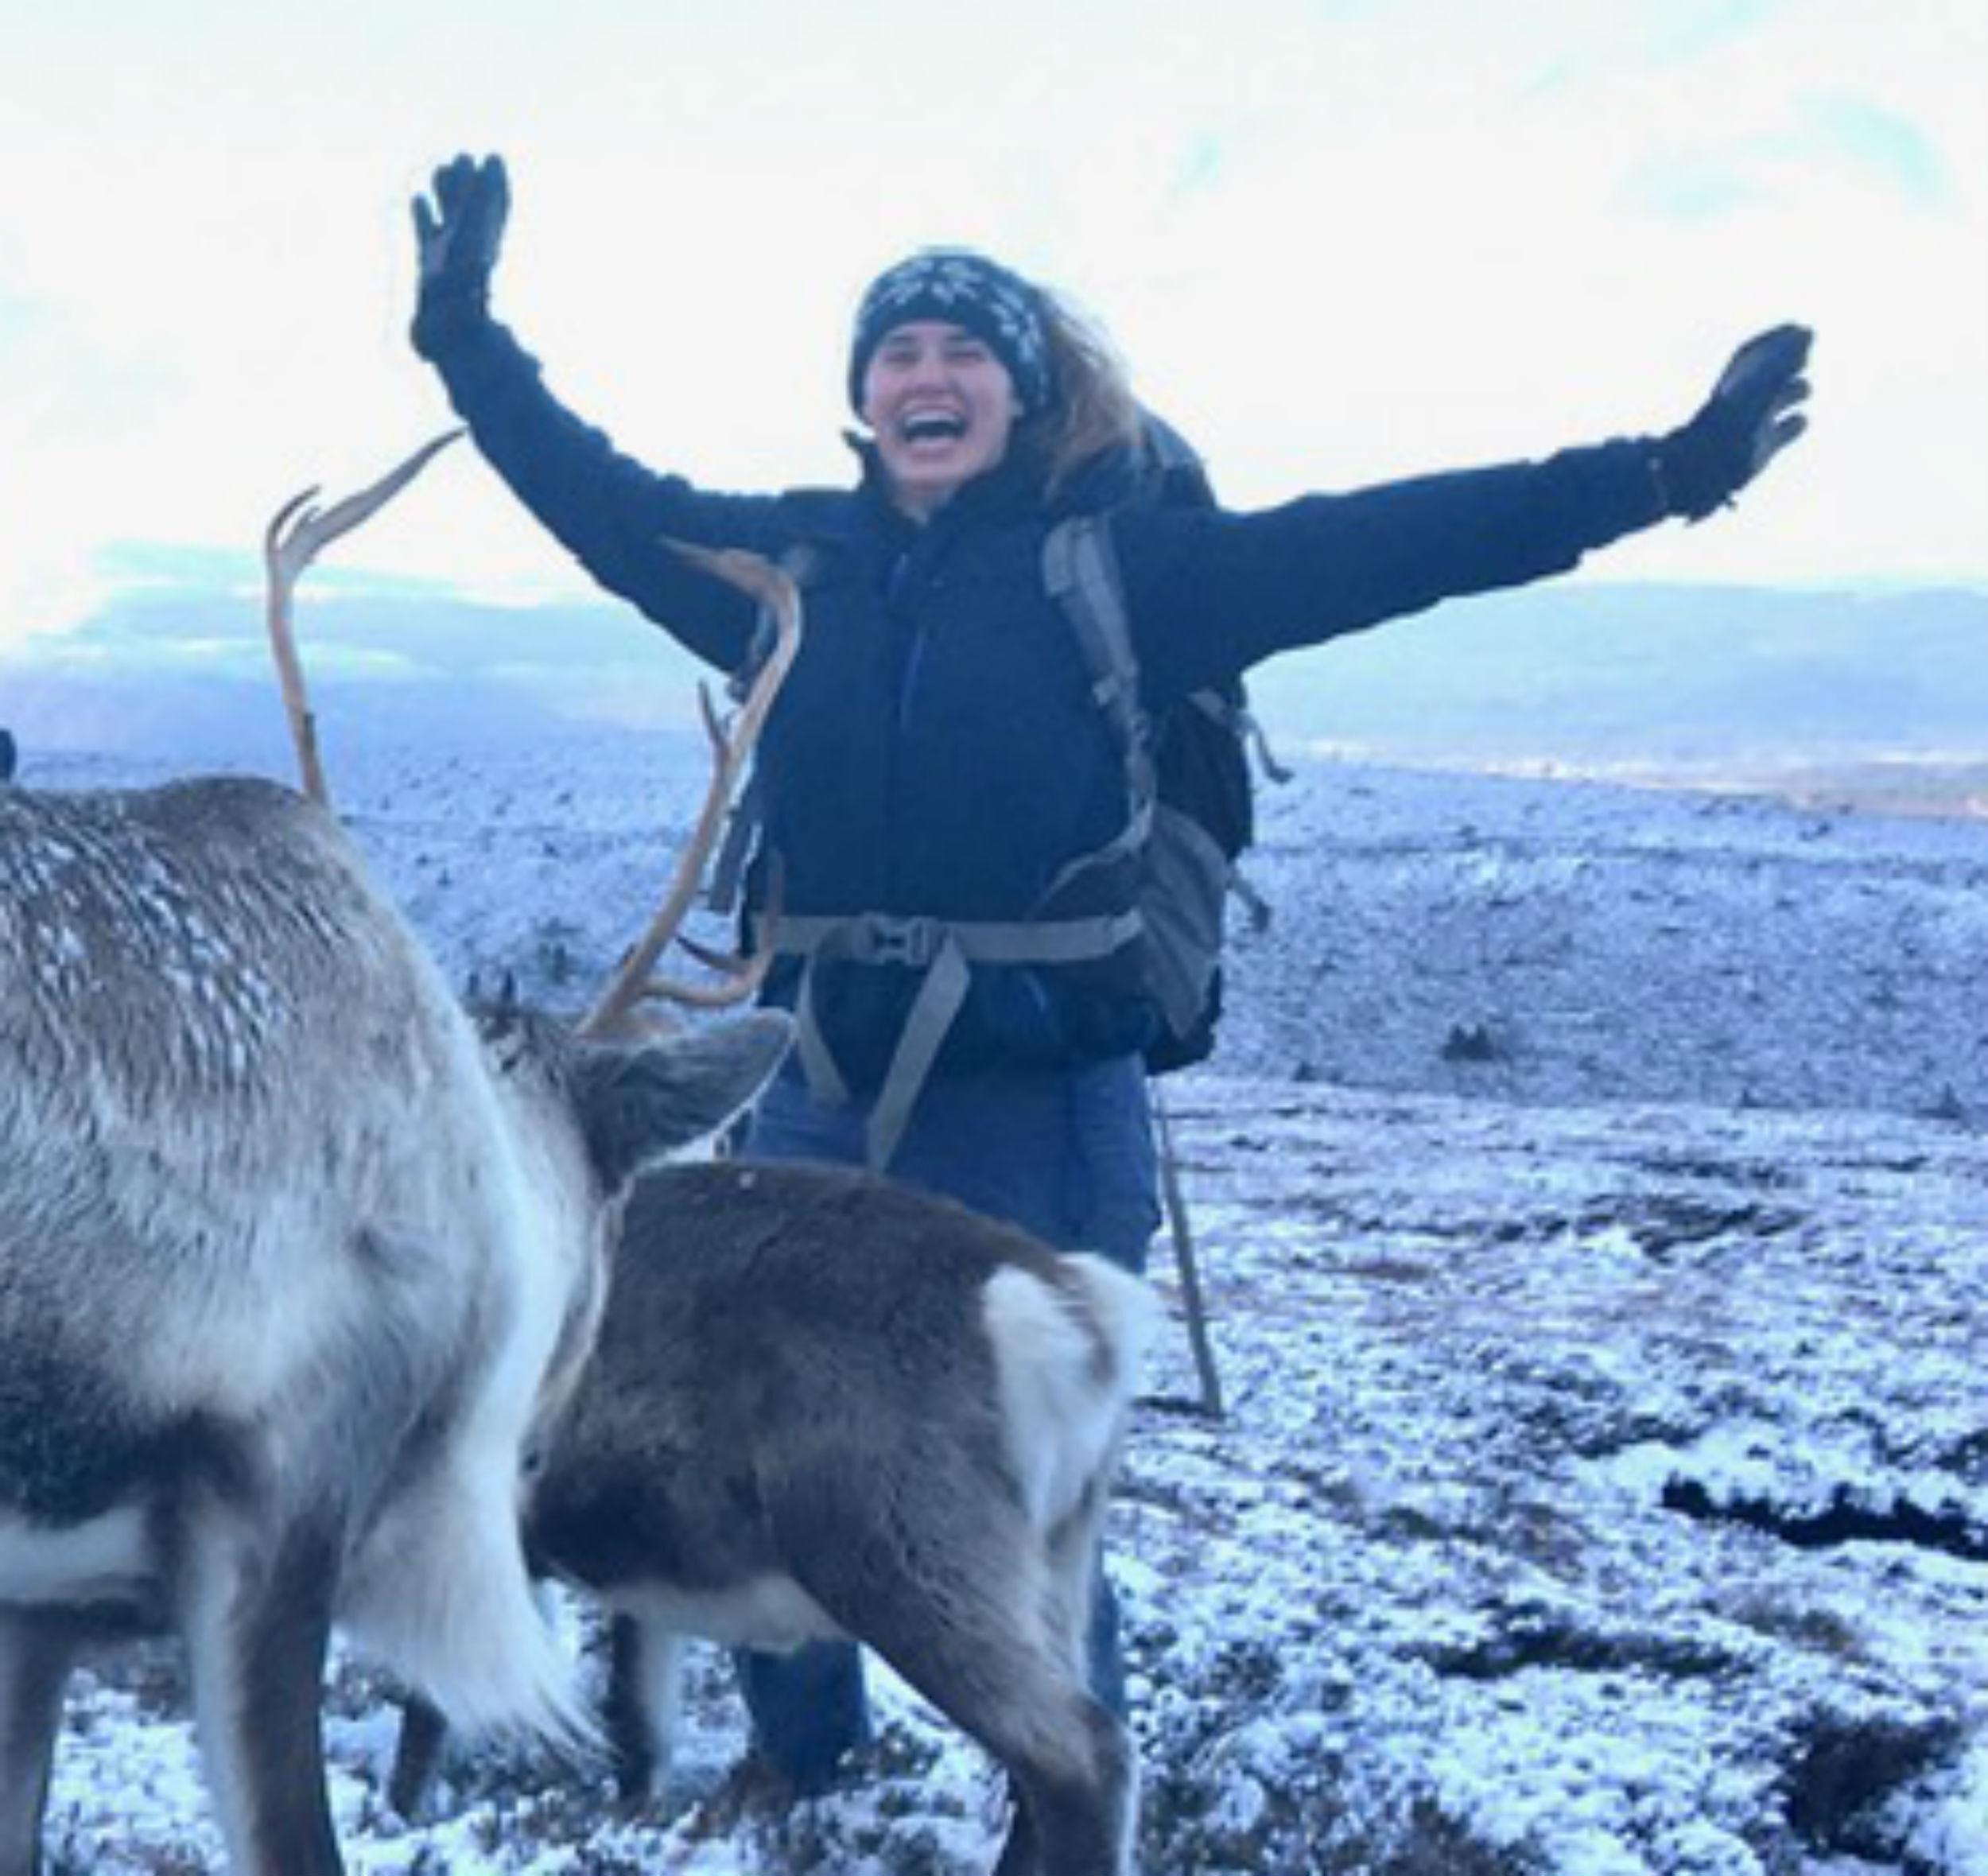 Reindeer herd Lotti Brooks - Scottish News